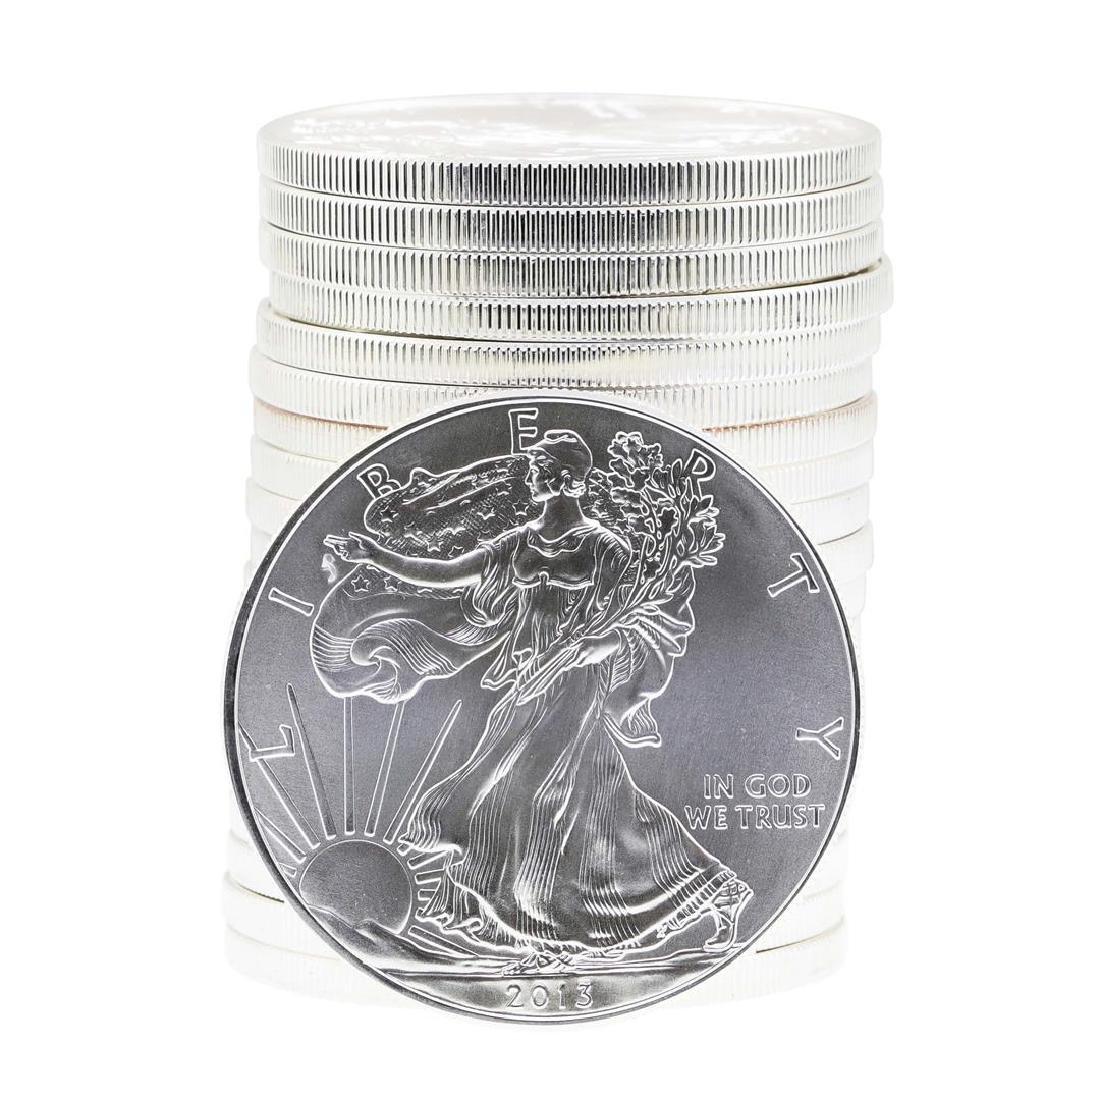 Roll of (20) 2013 $1 American Silver Eagle Brilliant